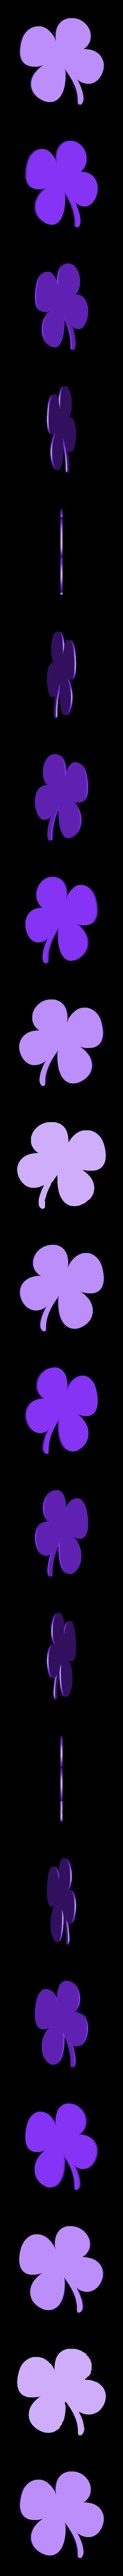 clover-rounded-3dprintny.stl Télécharger fichier STL gratuit Trèfle ou trèfle à 4 feuilles? • Modèle à imprimer en 3D, barb_3dprintny